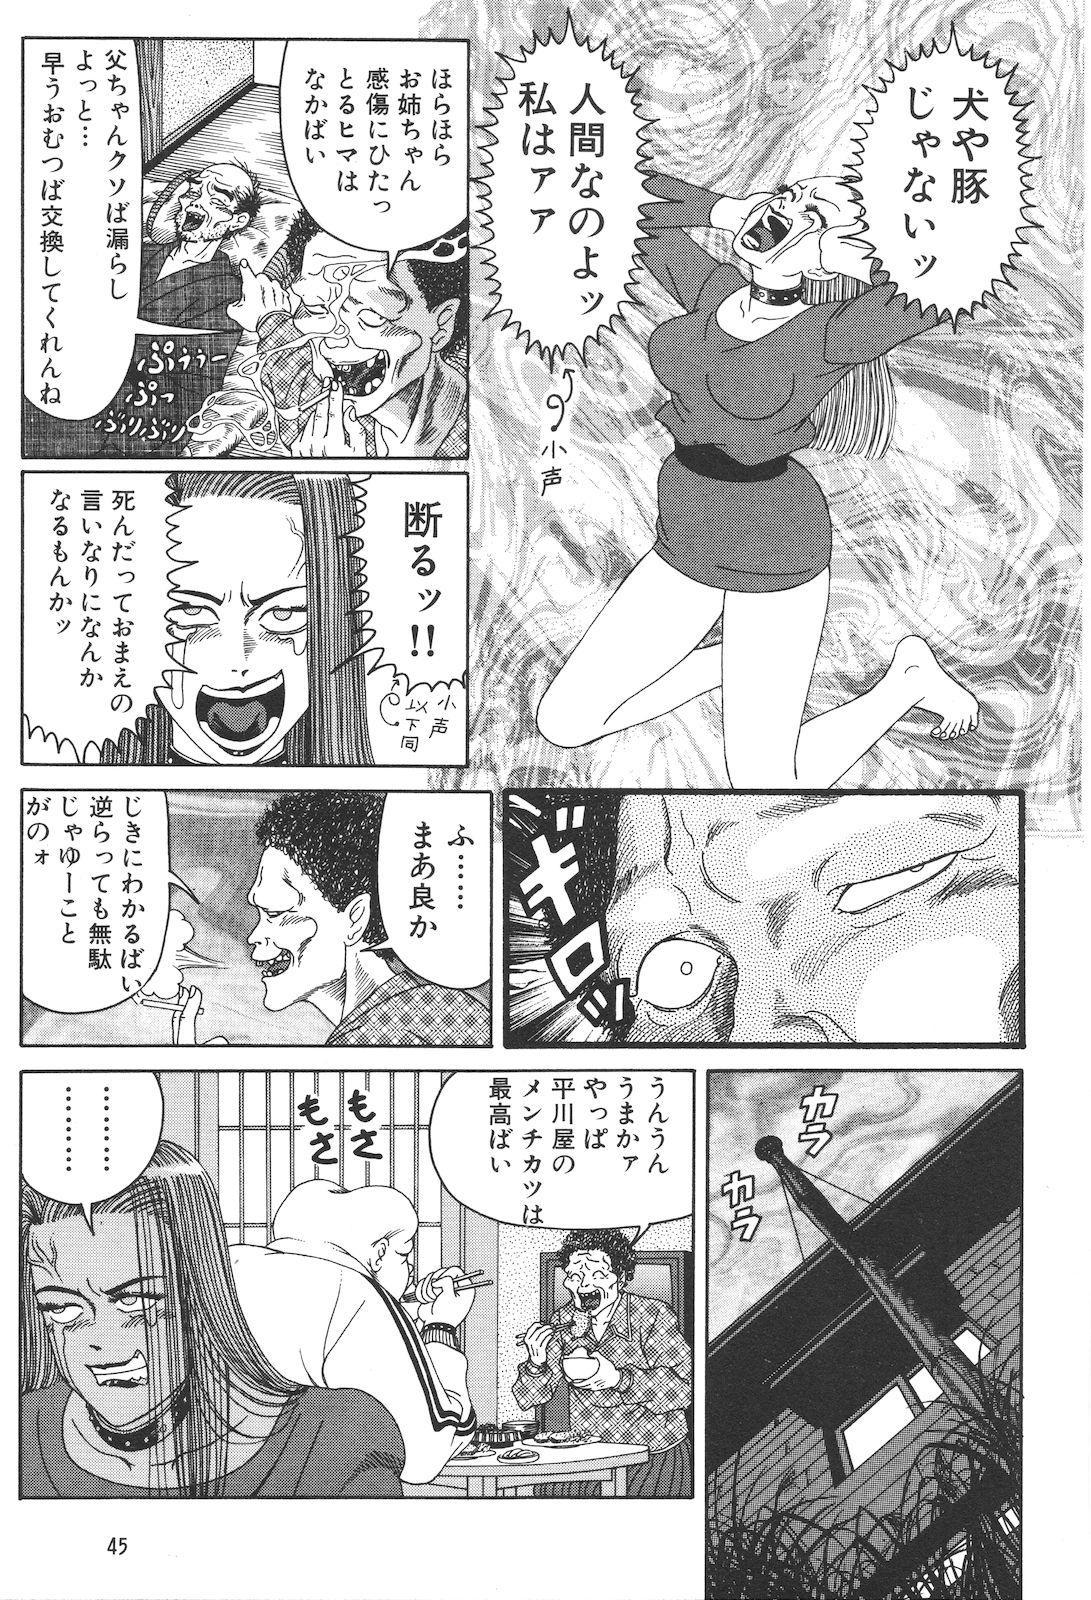 Dobusarai Gekijou 46